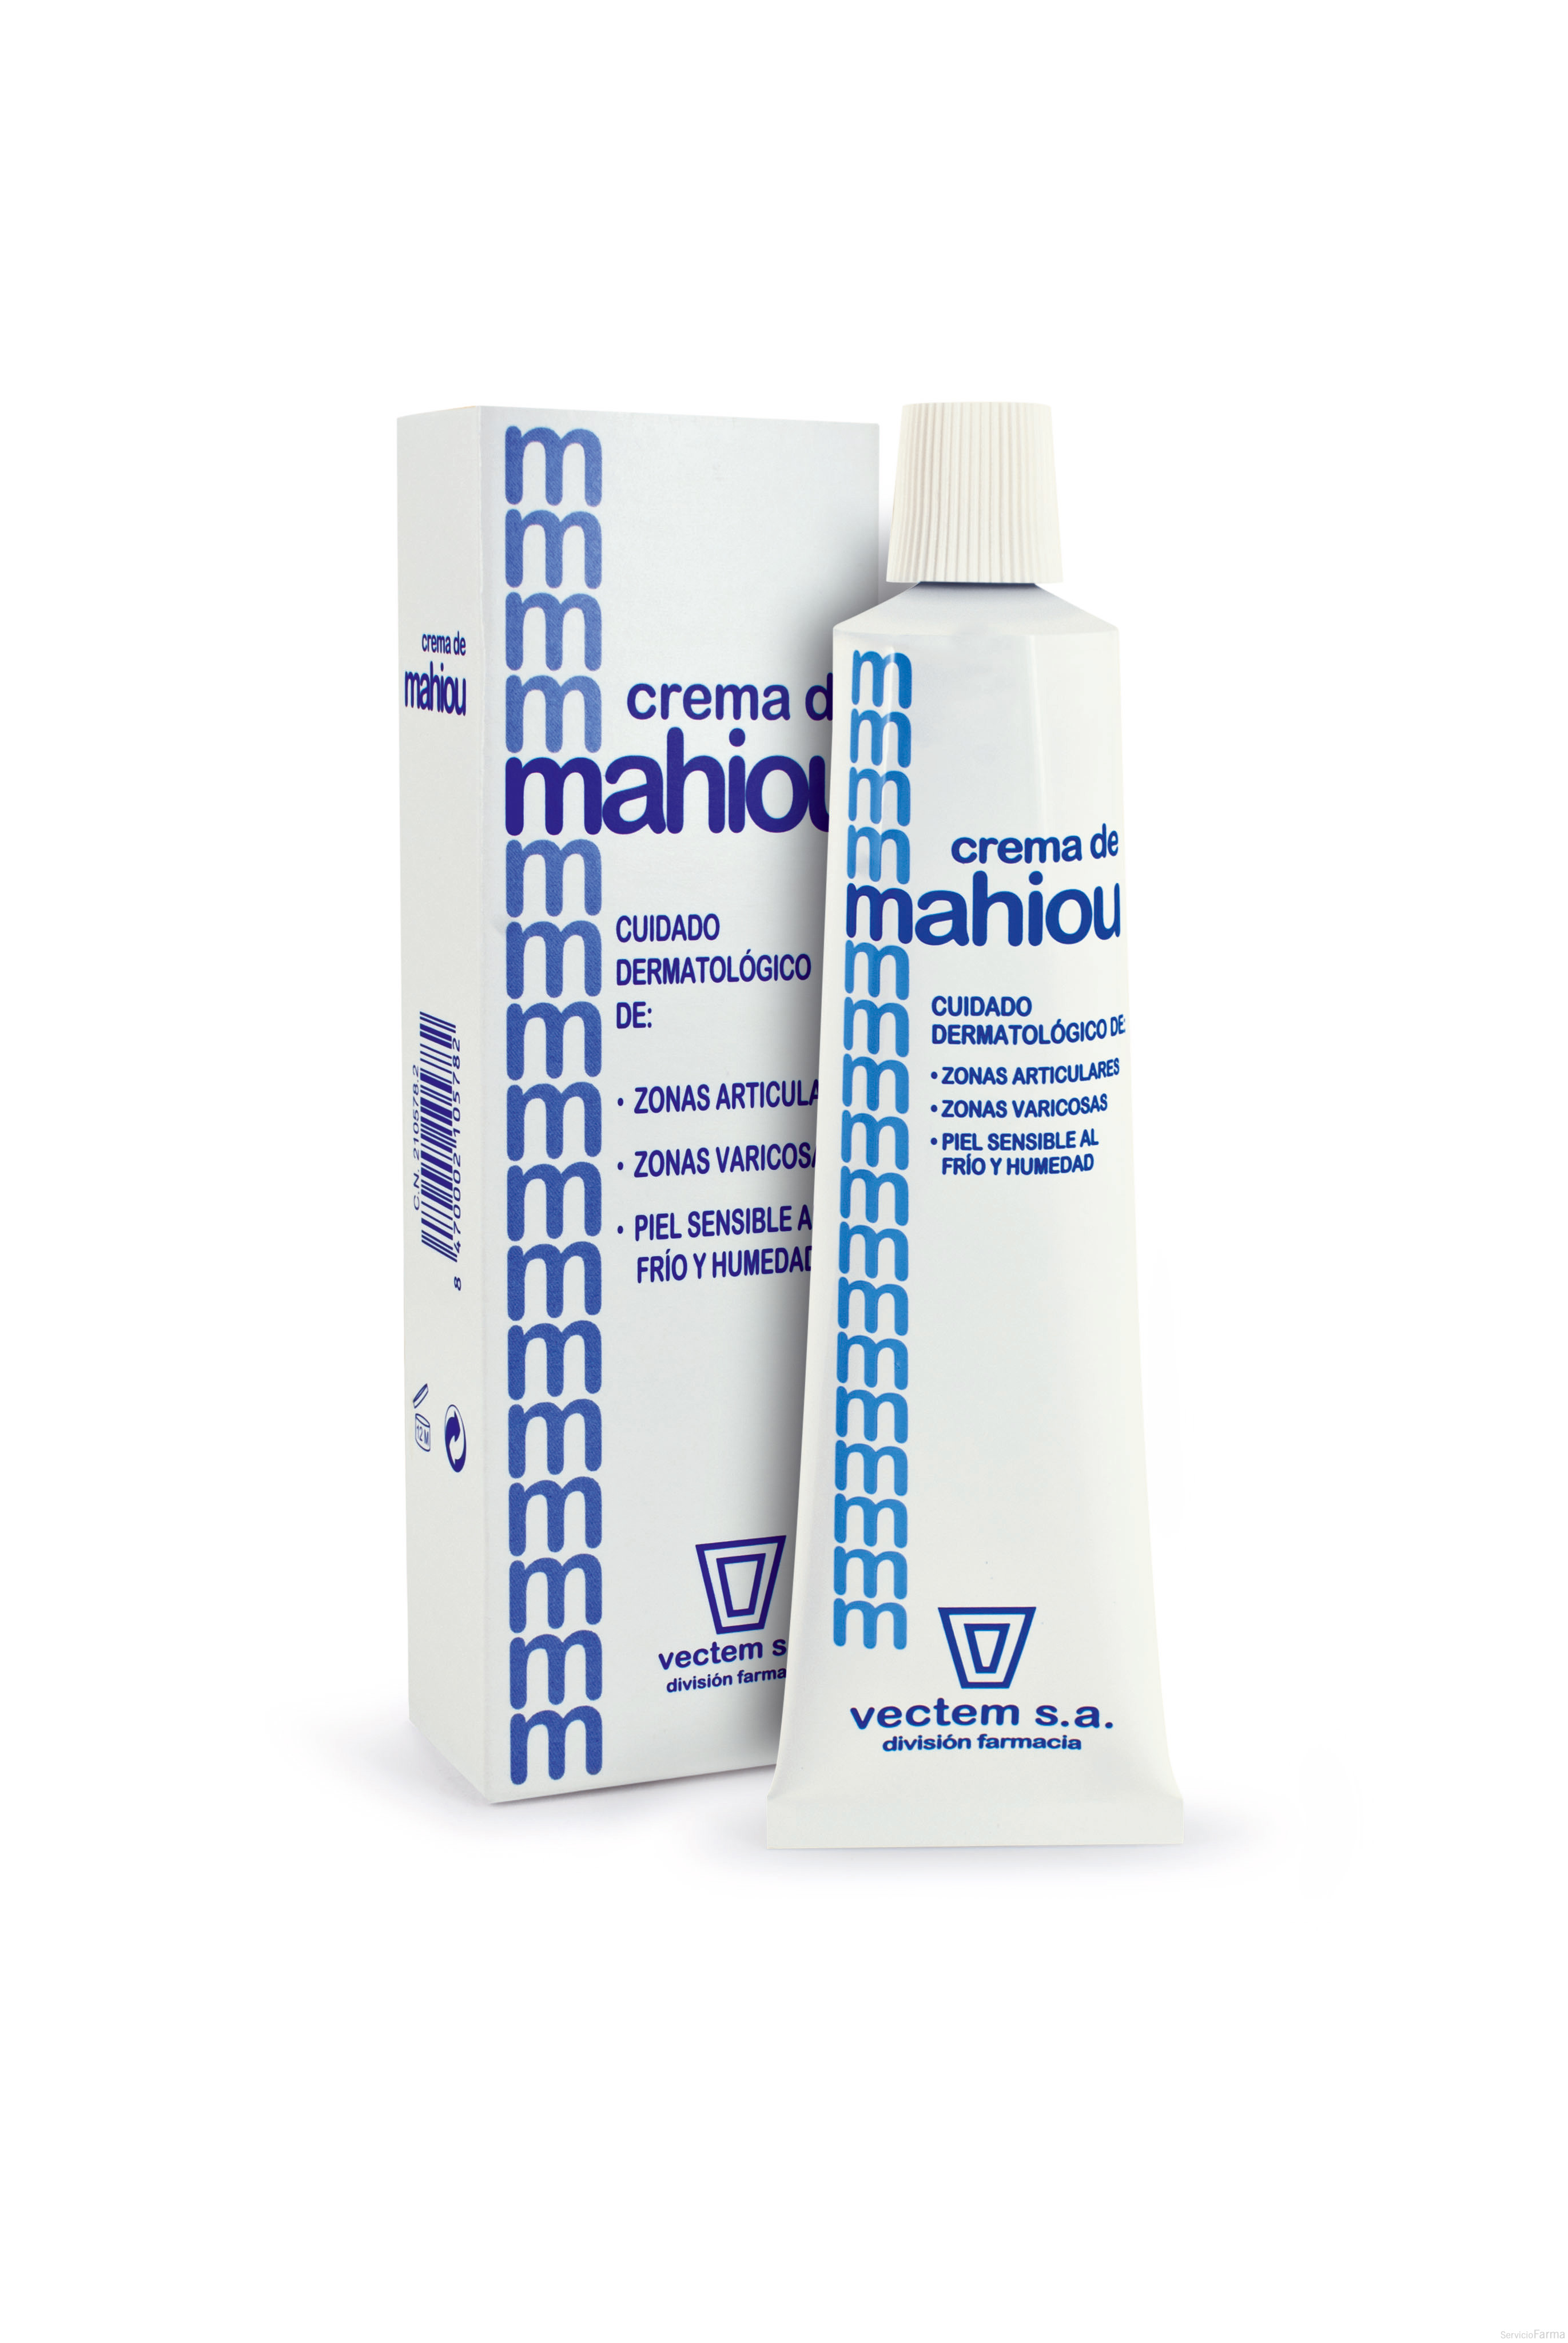 Crema de Mahiou